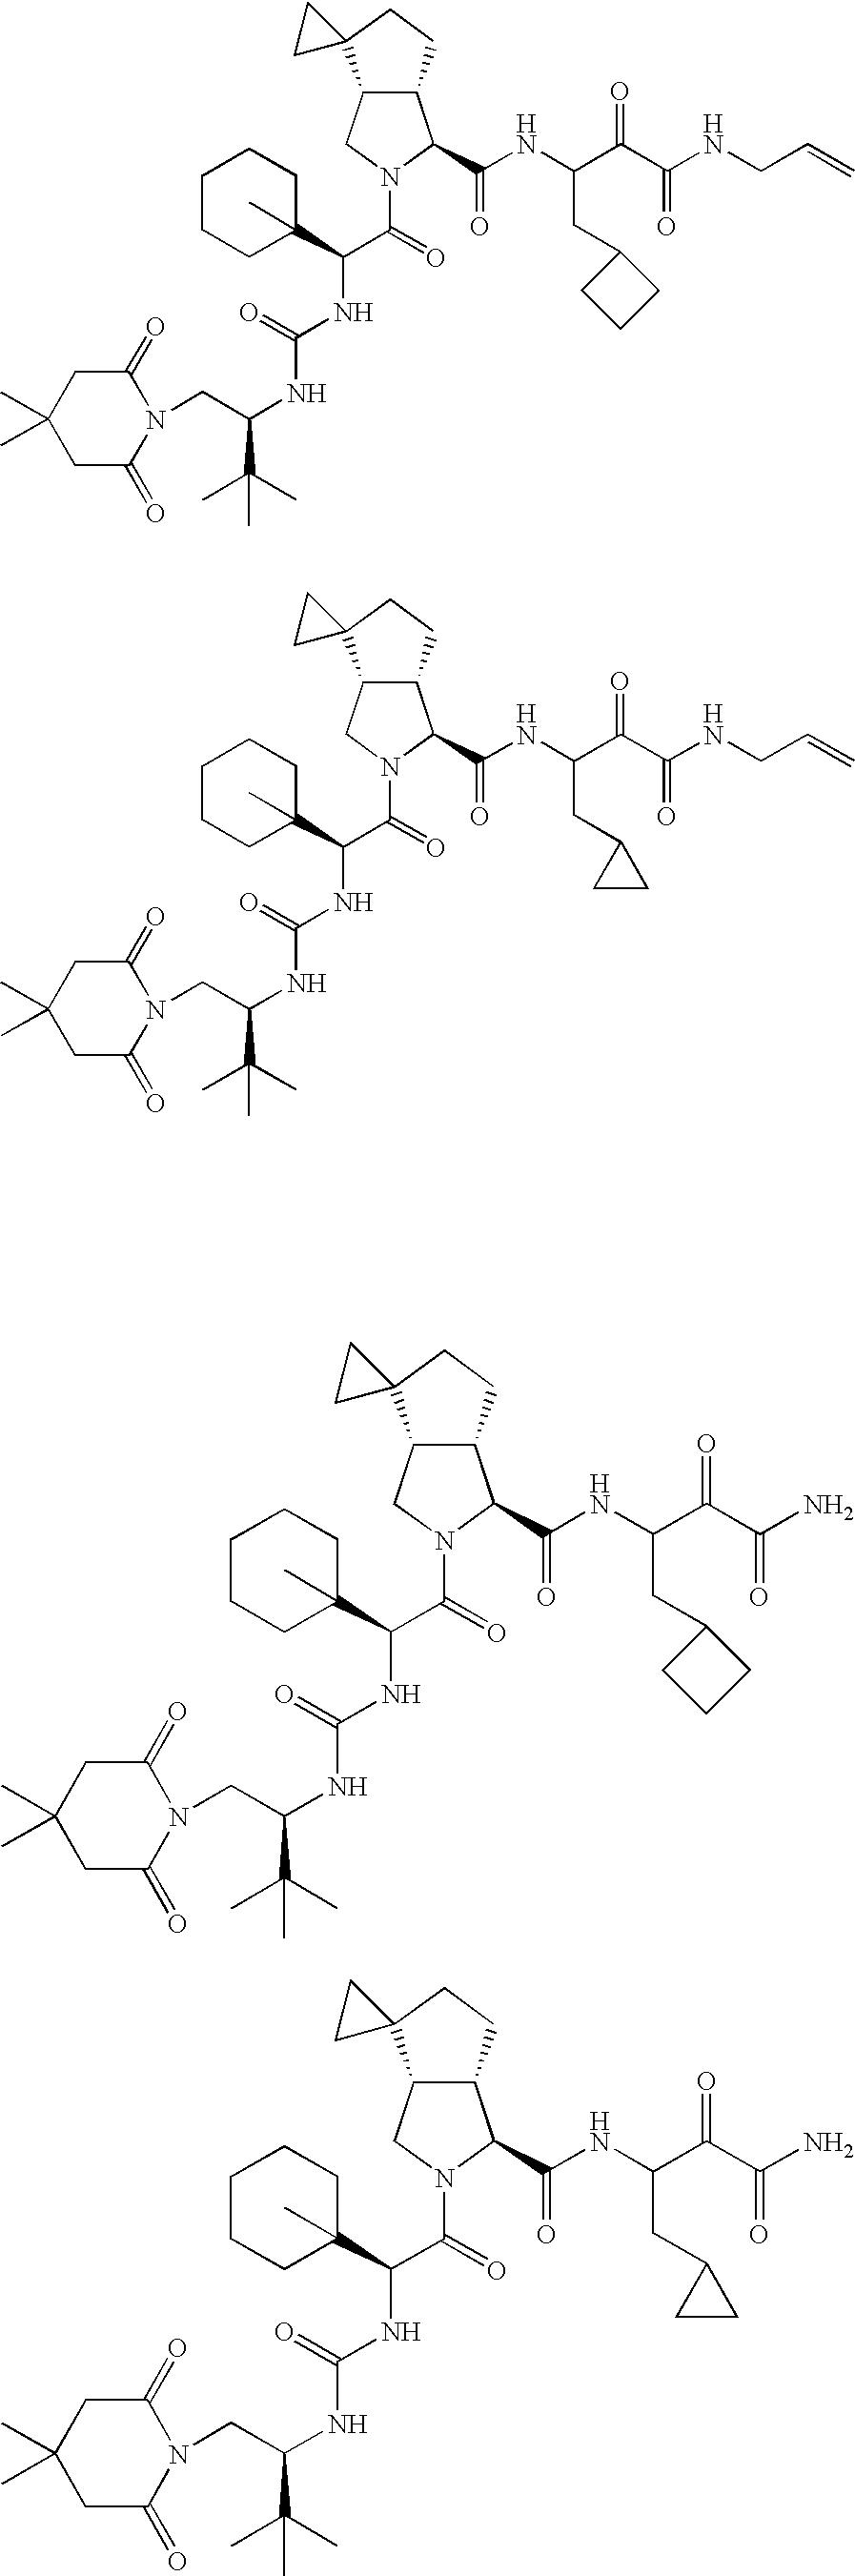 Figure US20060287248A1-20061221-C00510